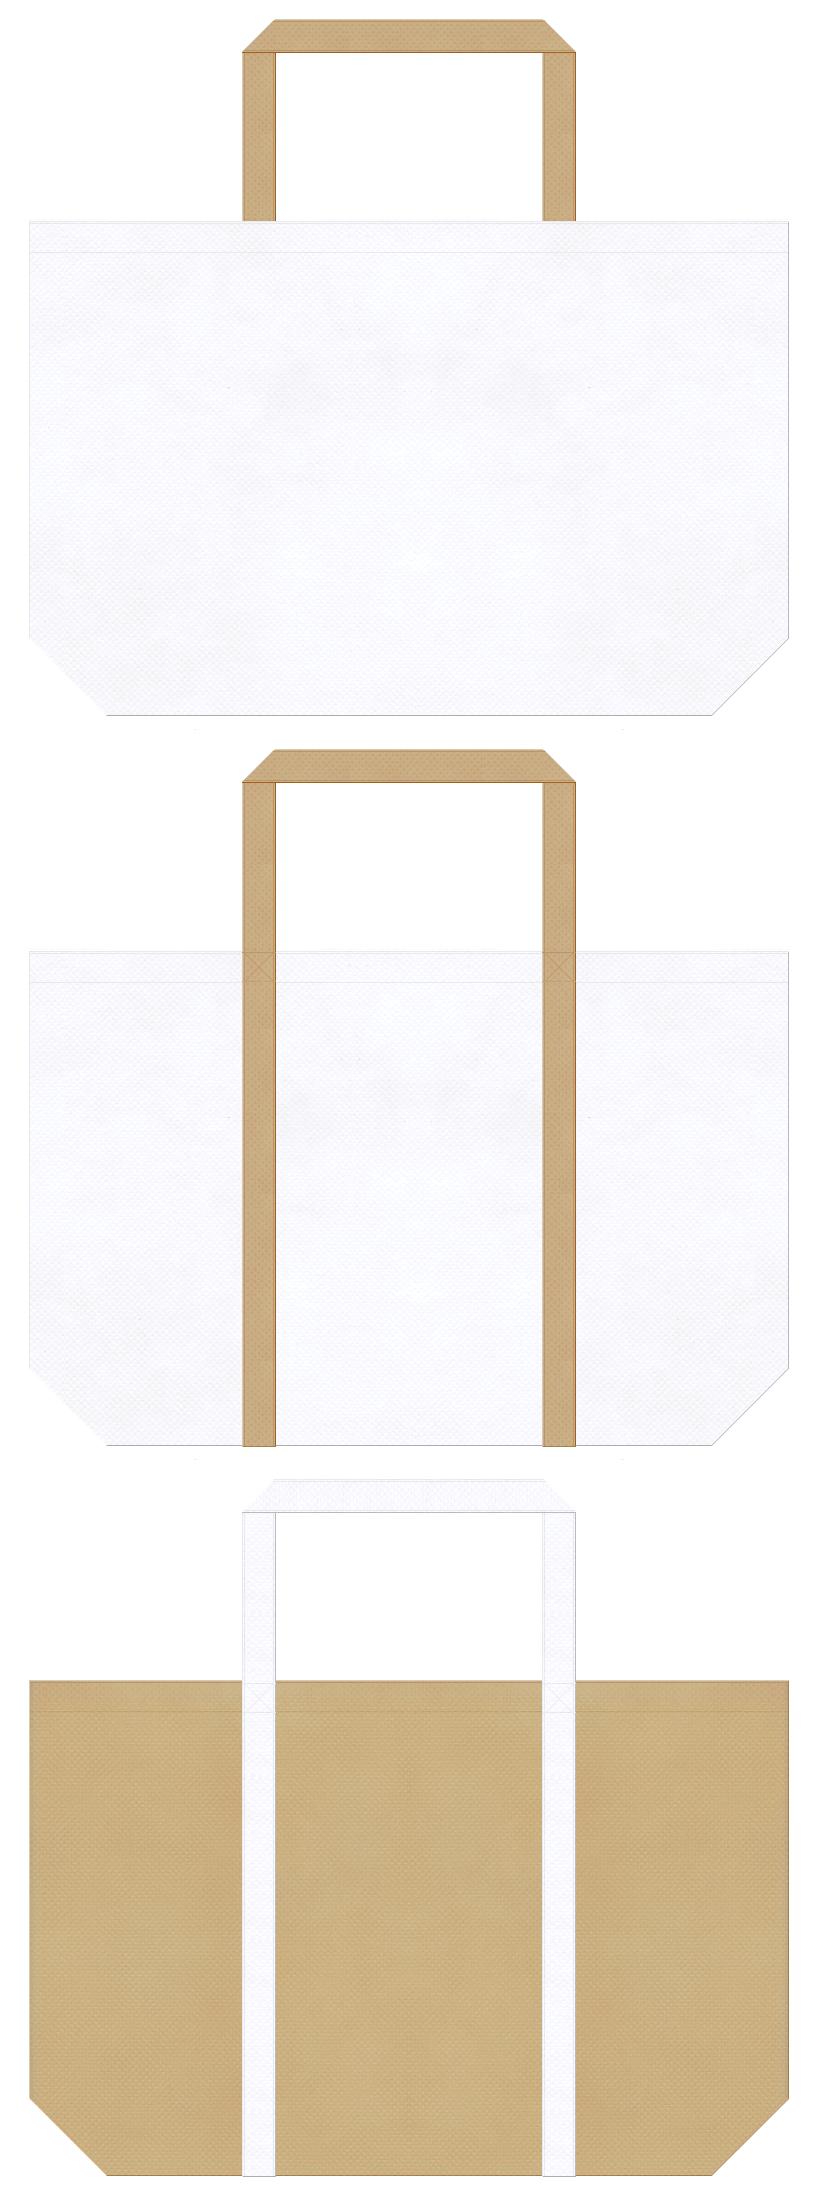 白色とカーキ色の不織布ショッピングバッグデザイン